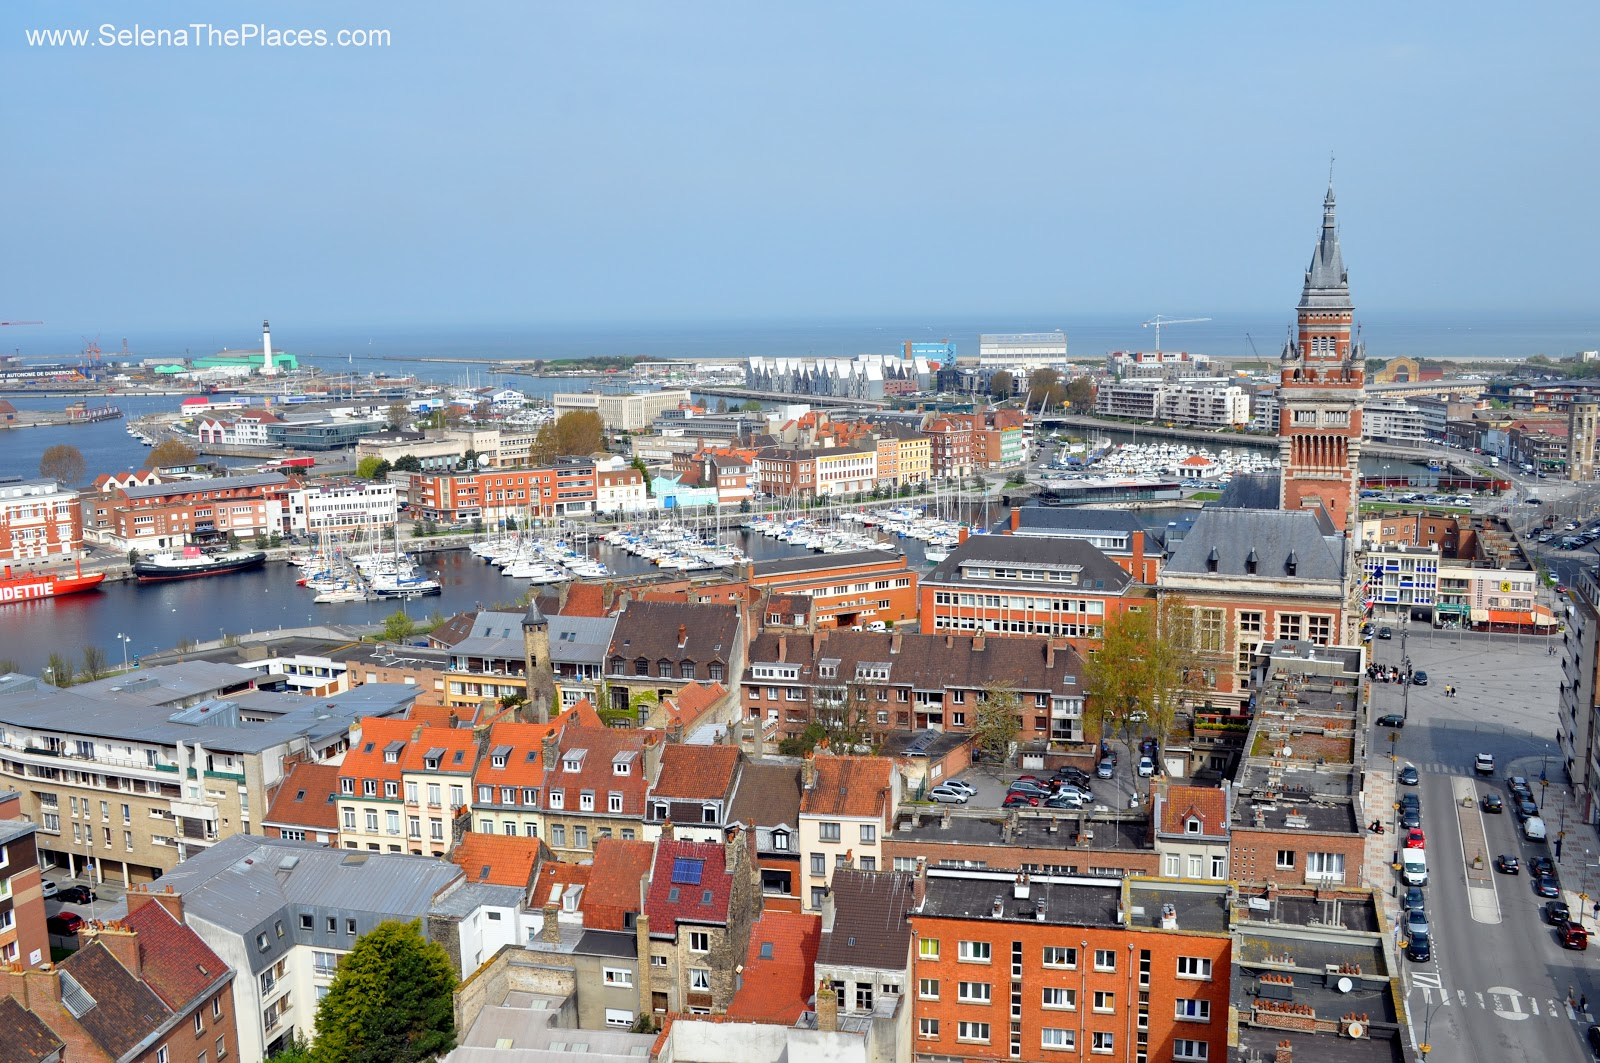 The Port City of Dunkirk. Image Via SelenaThePlaces.Com (2014)